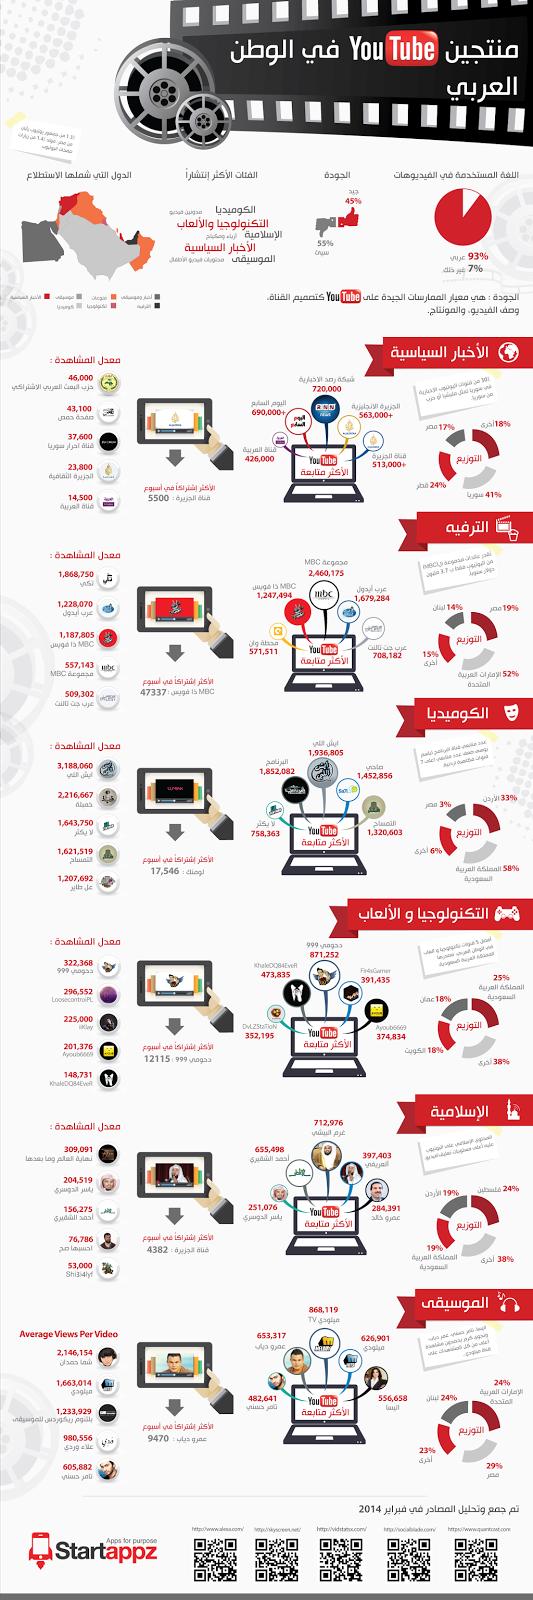 منتجو المحتوى على اليوتيوب في الوطن العربي #يوتيوب #انفوجرافيك